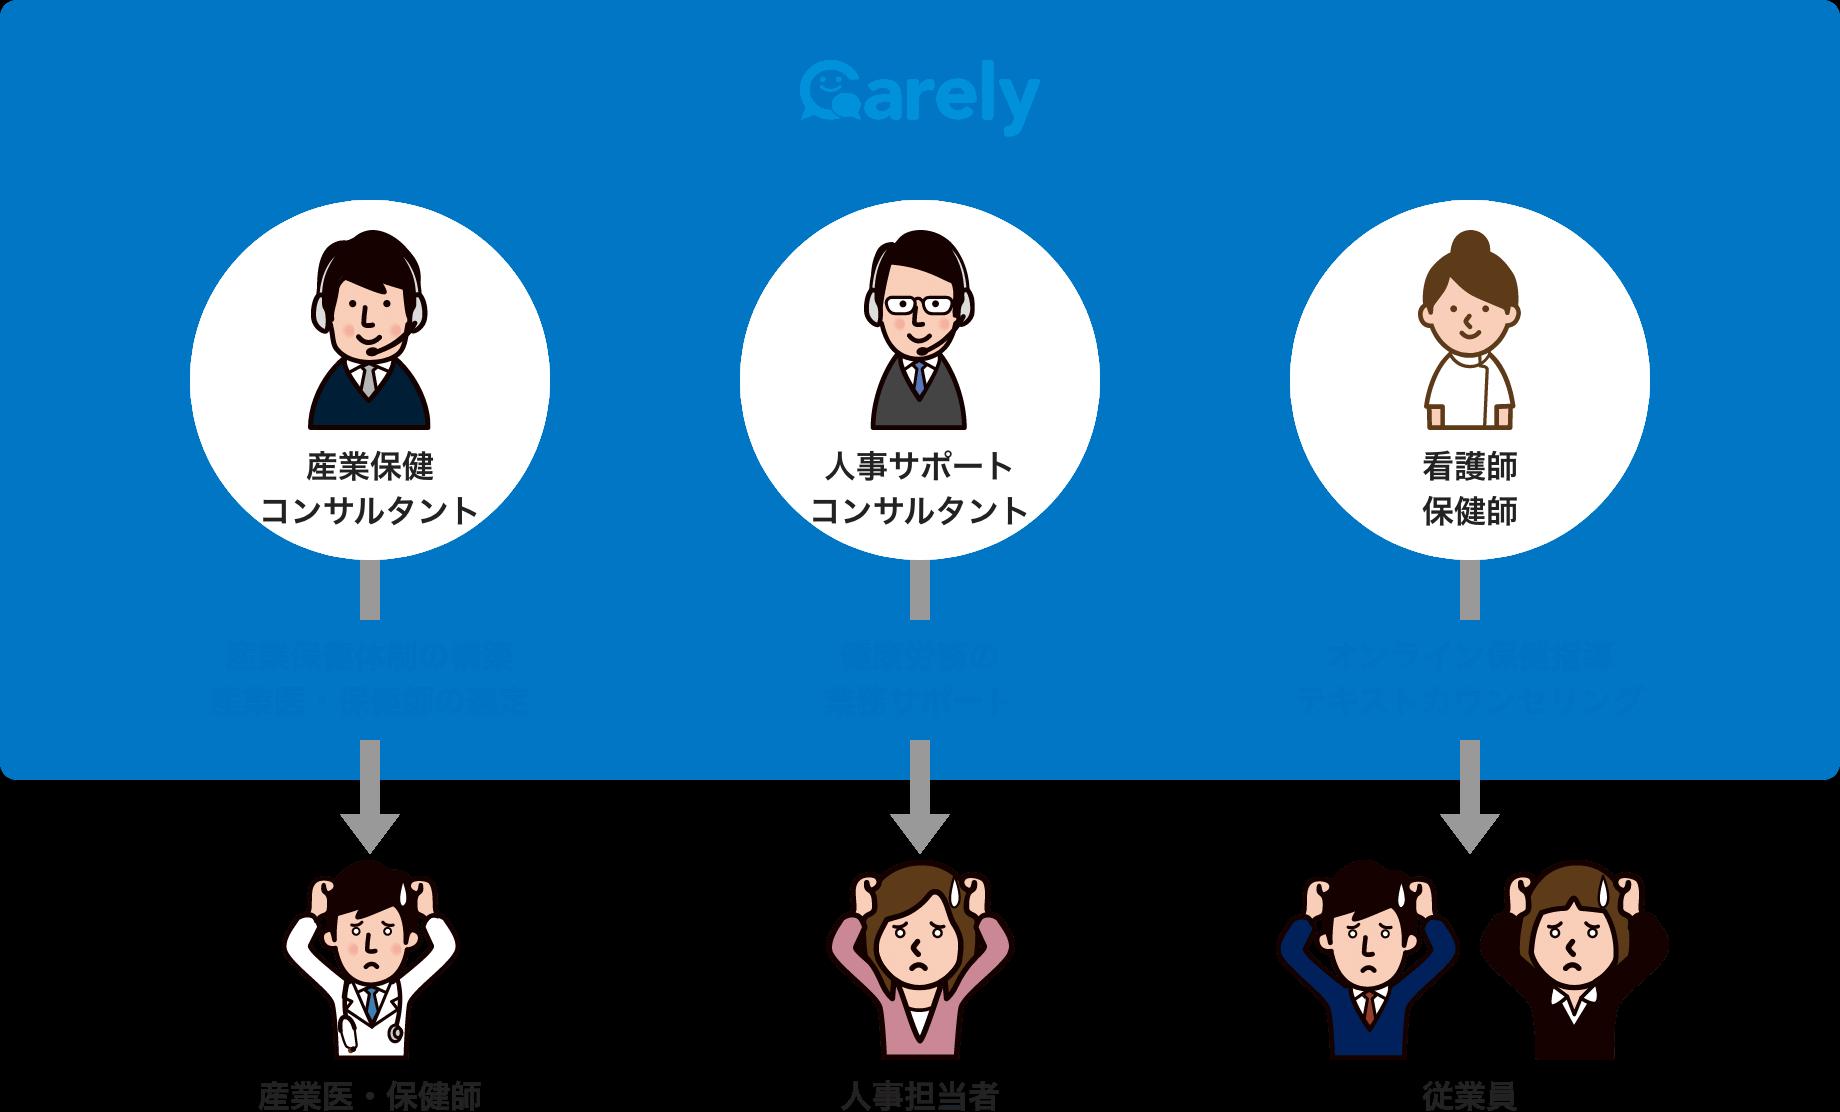 産業医・人事担当者・従業員の3者に対し、それぞれの専門領域スタッフがサポートするイメージ解説